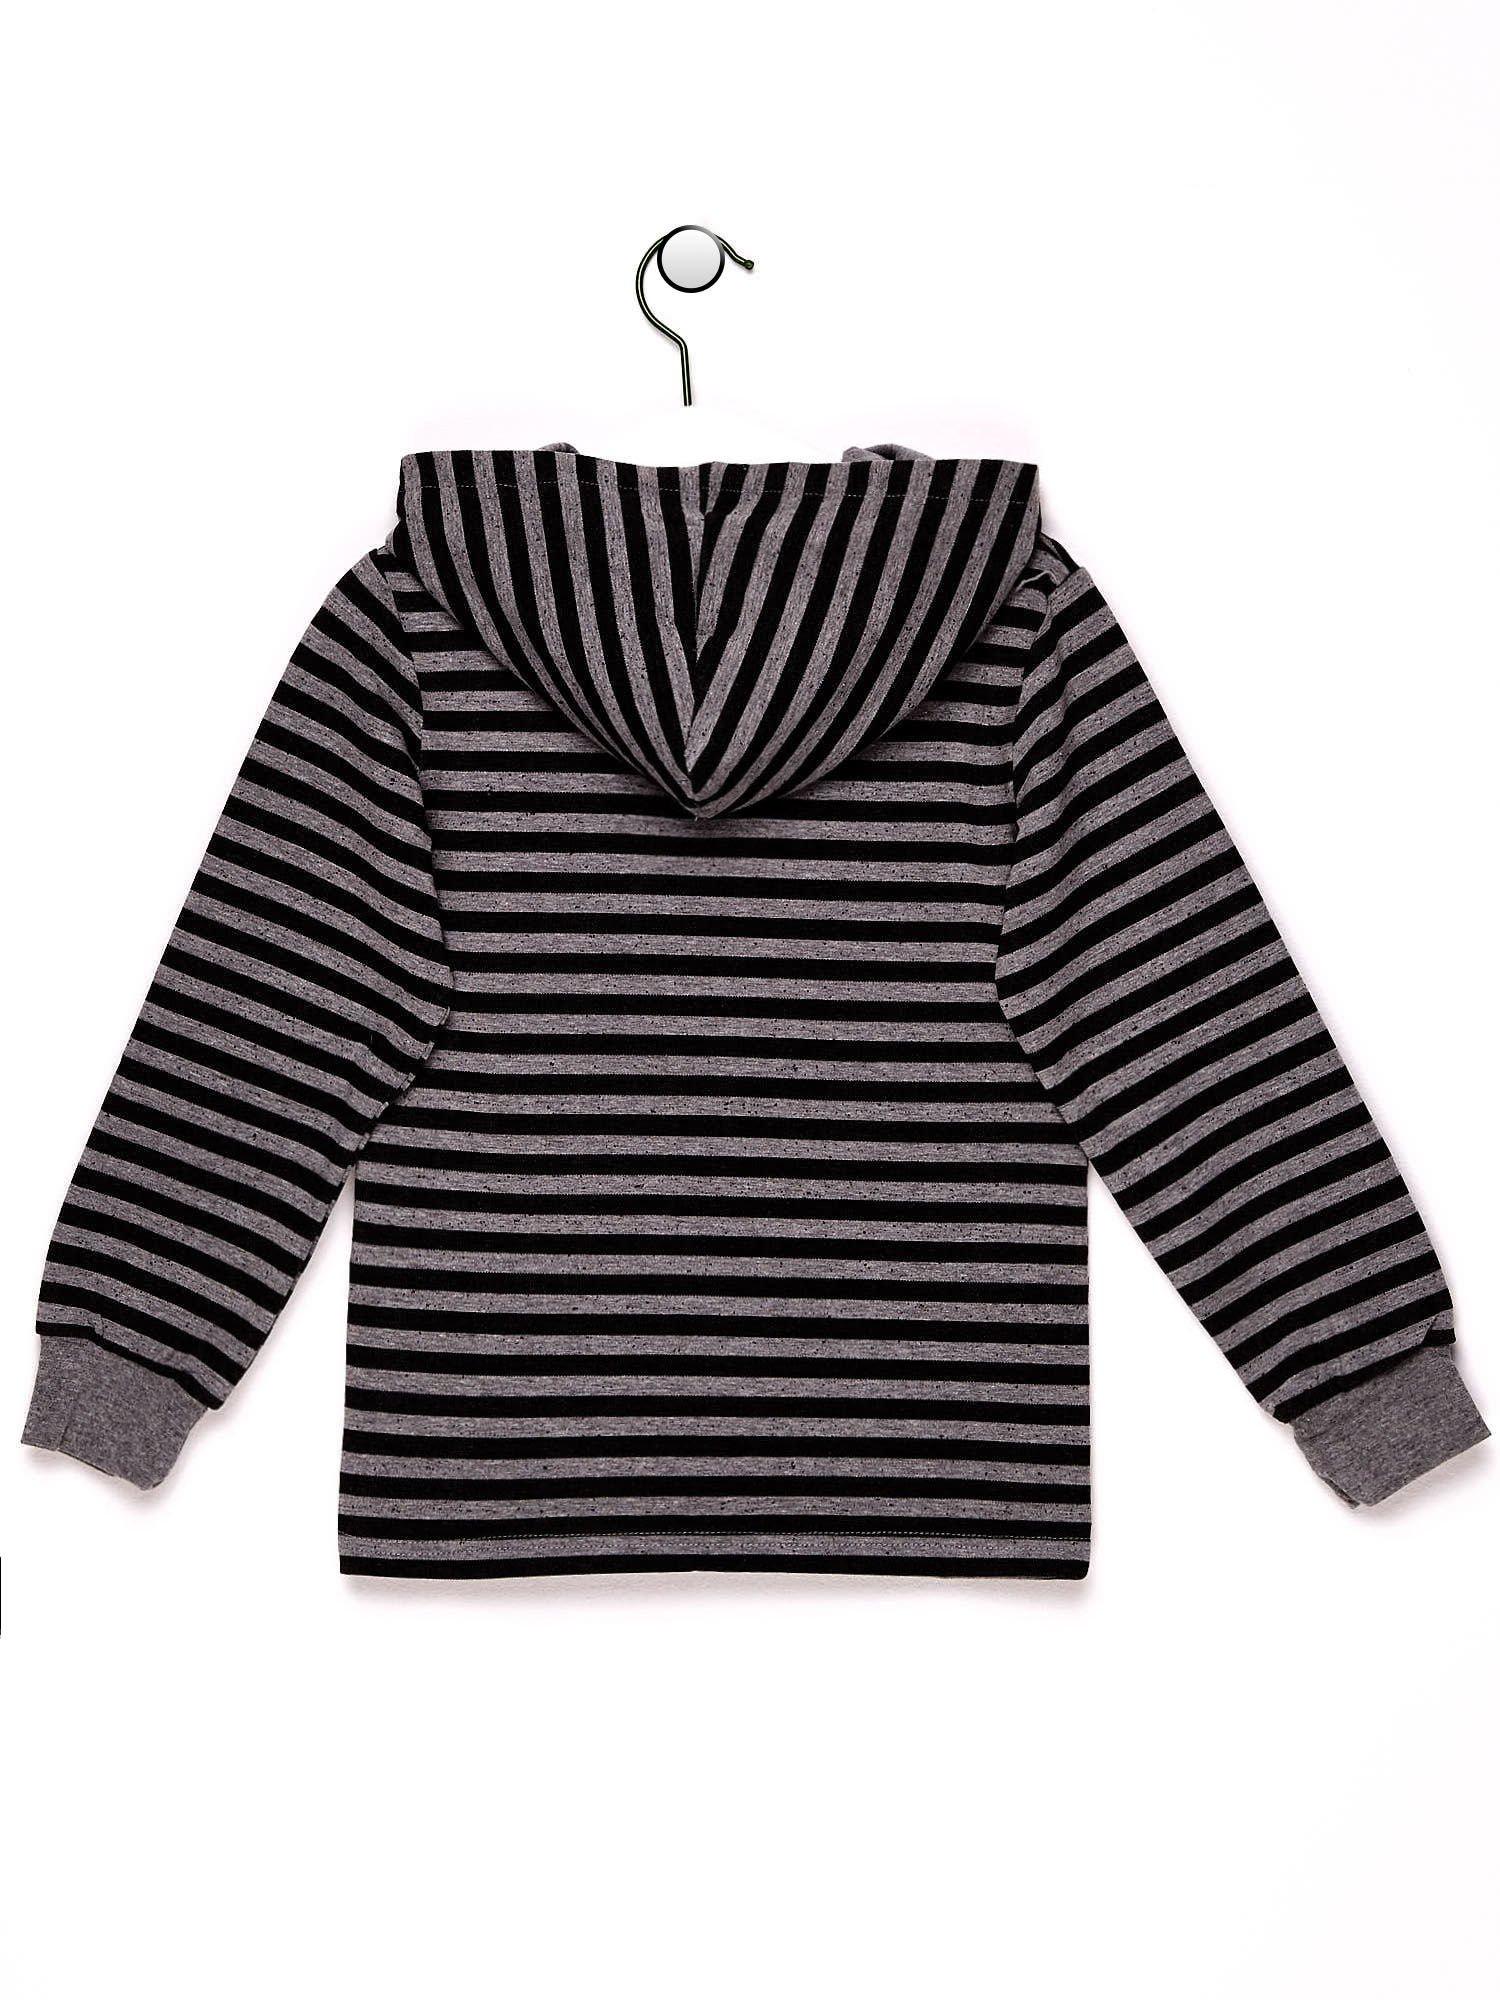 Szaro-czarna bluza chłopięca w paski z kapturem